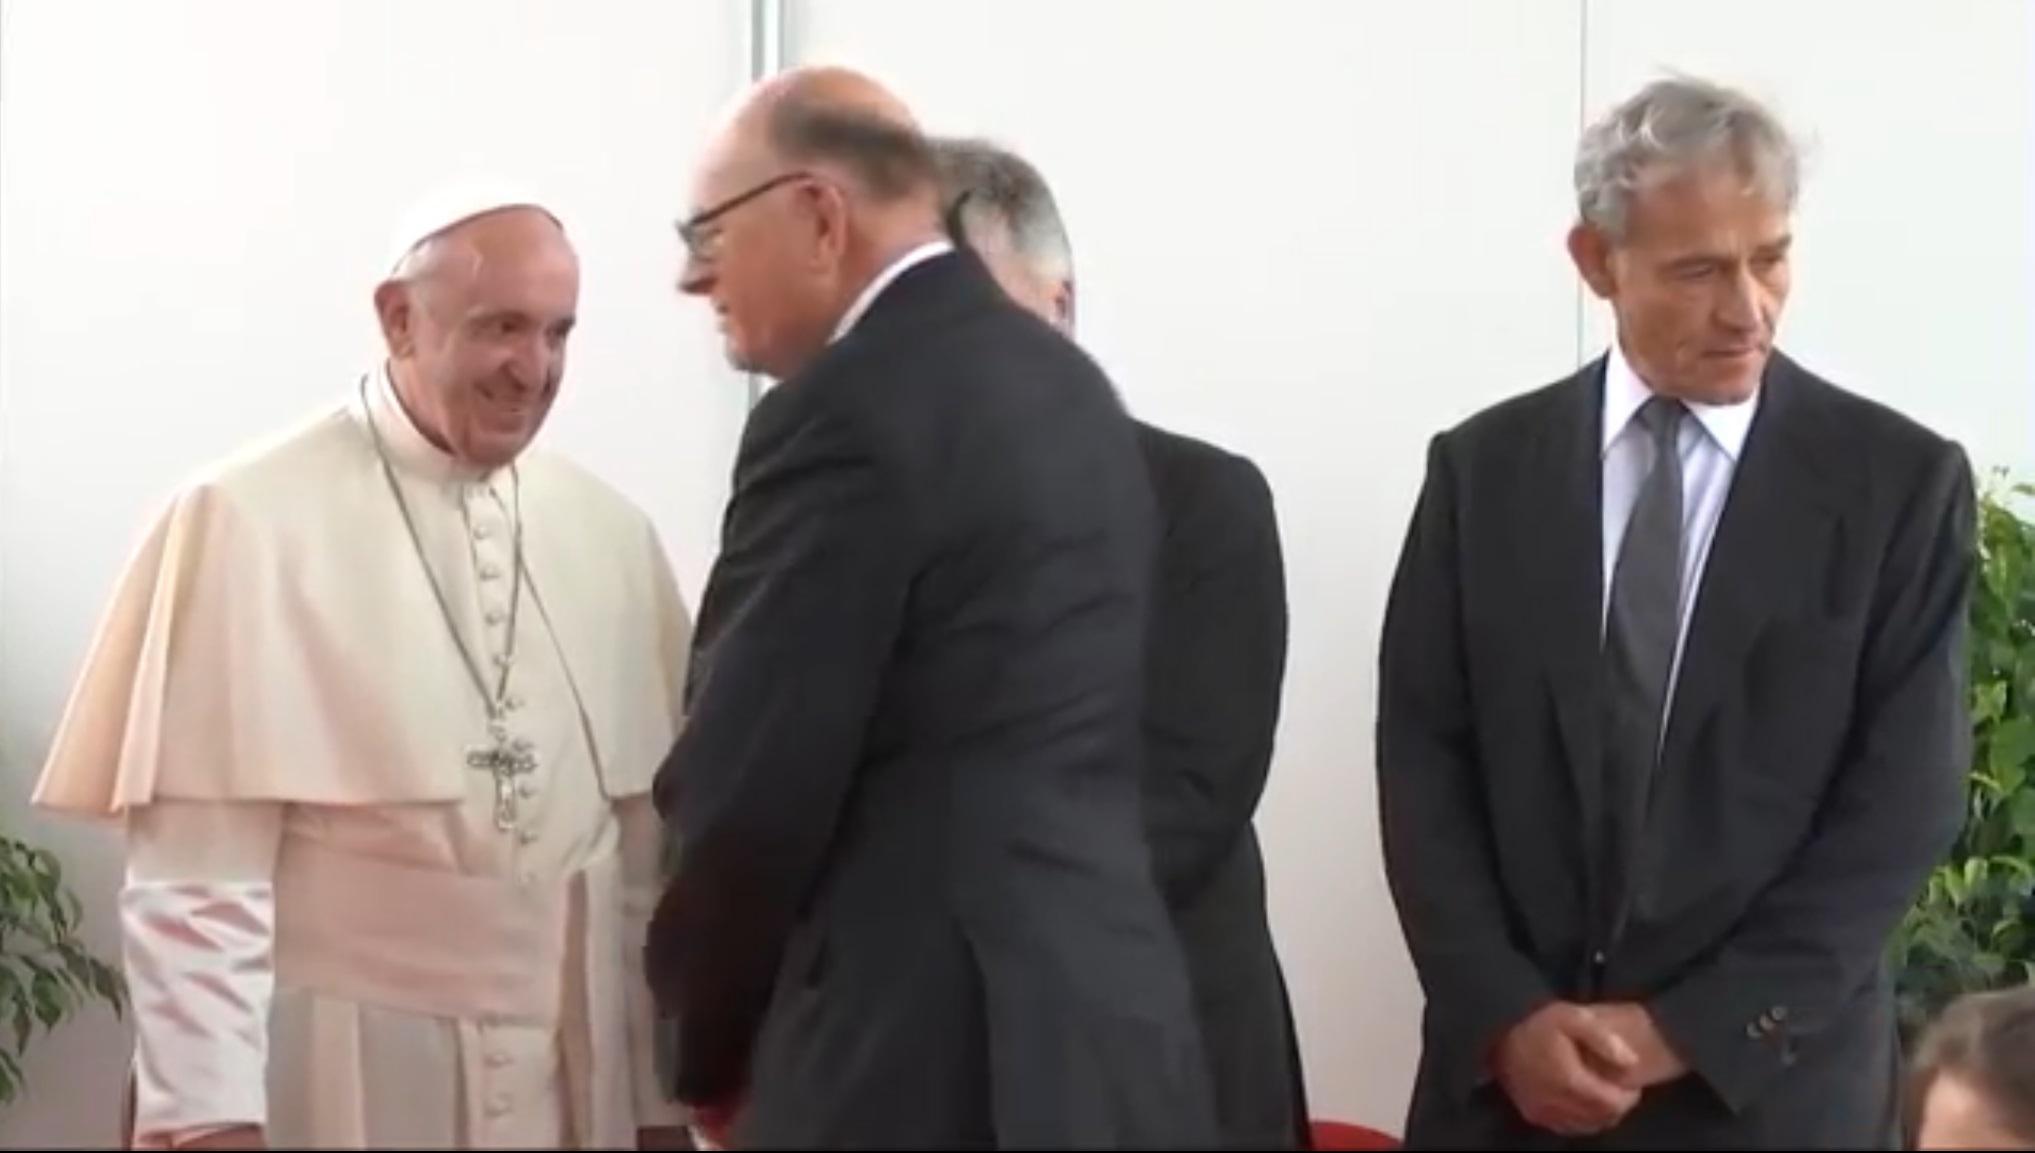 Τι δουλειά έχει ένας Έλληνας καθηγητής καρδιολογίας με τον Πάπα Φραγκίσκο;